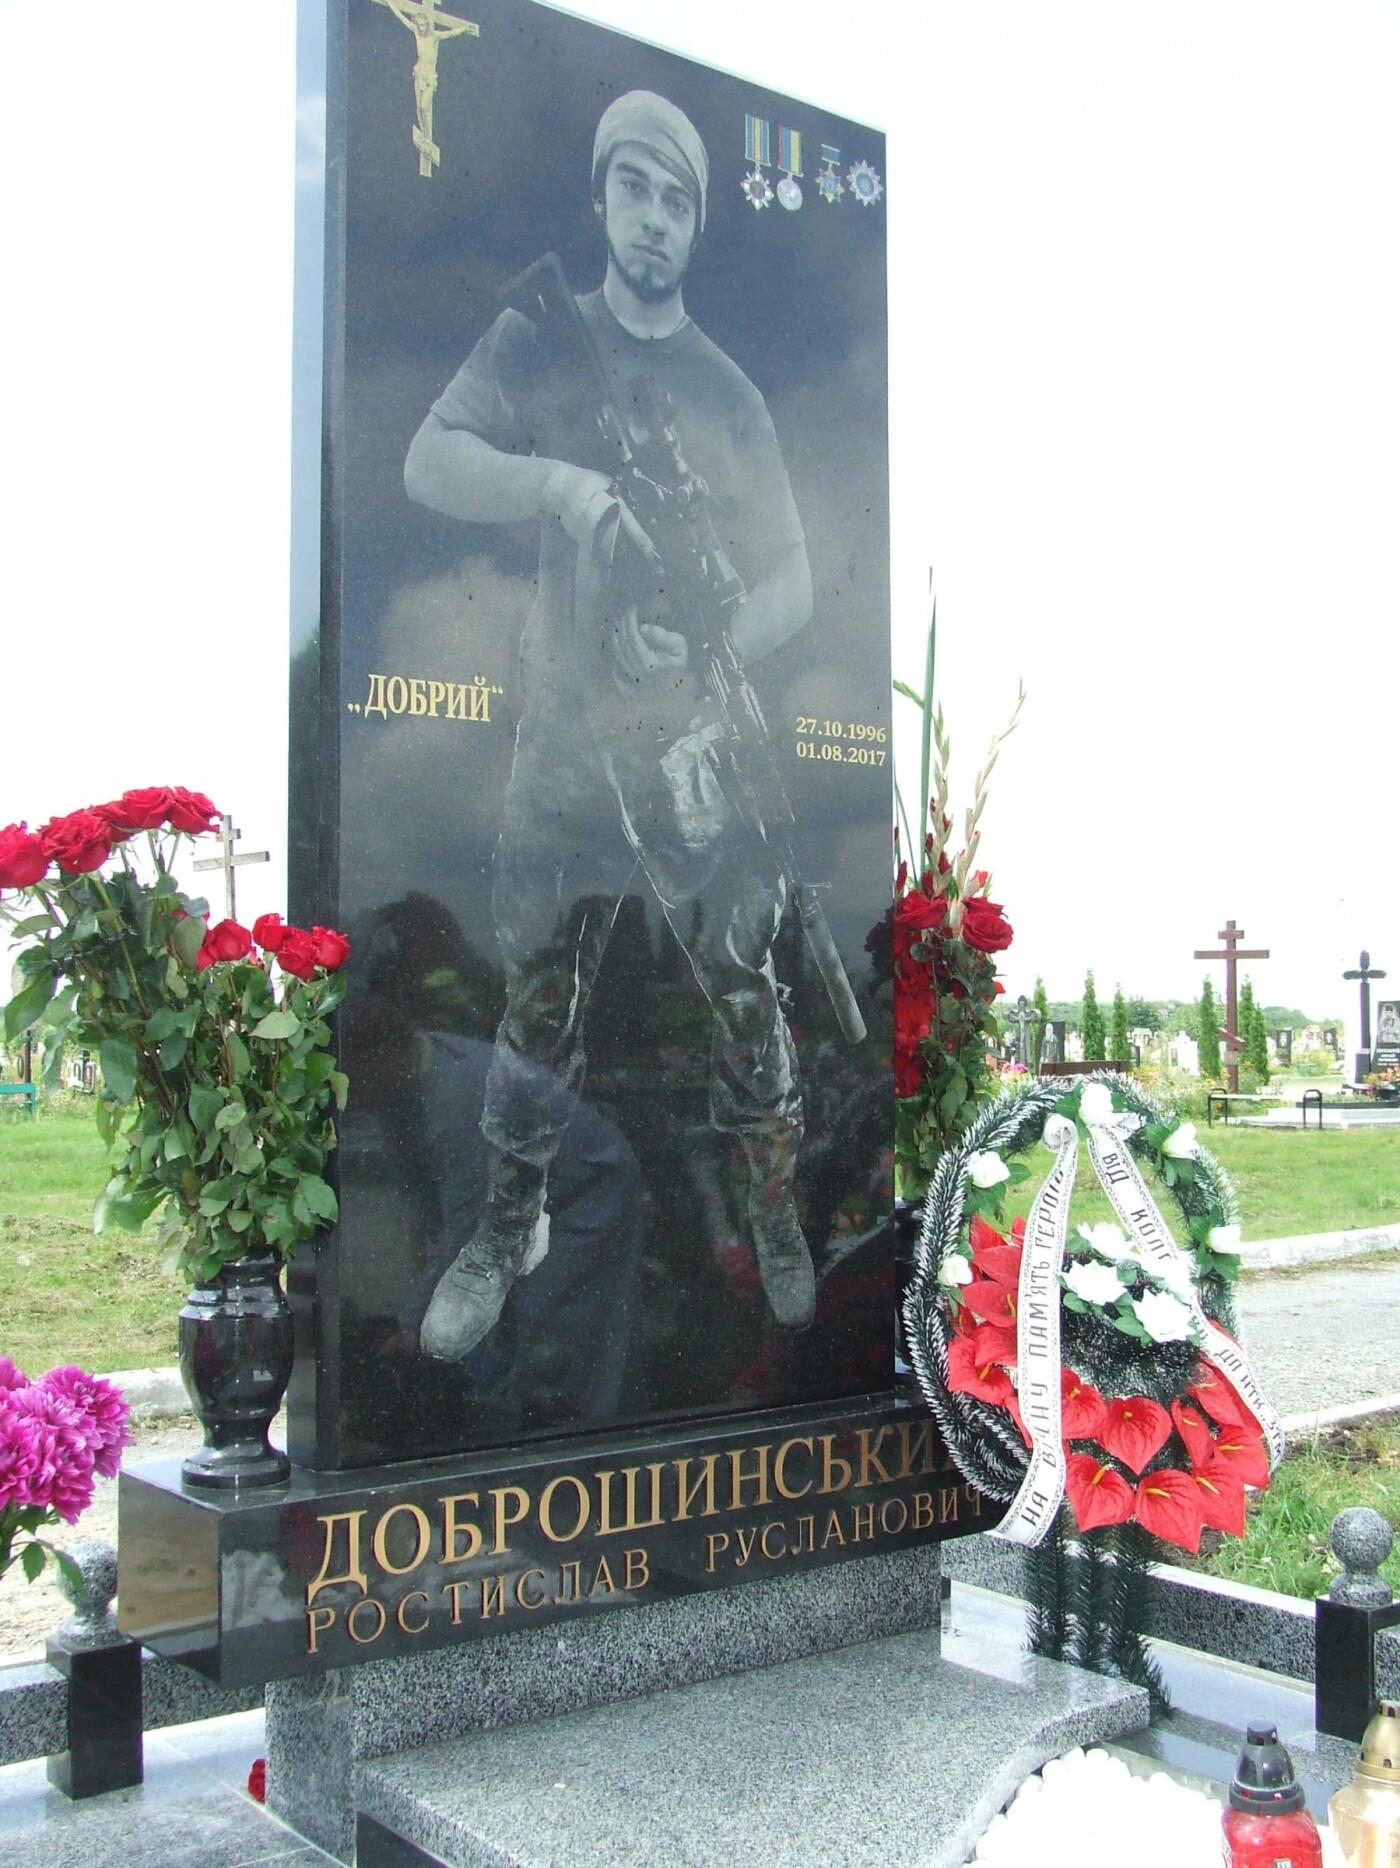 Річниця скорботи: у Кам'янці освятили меморіал Героя Ростислава Доброшинського, фото-29